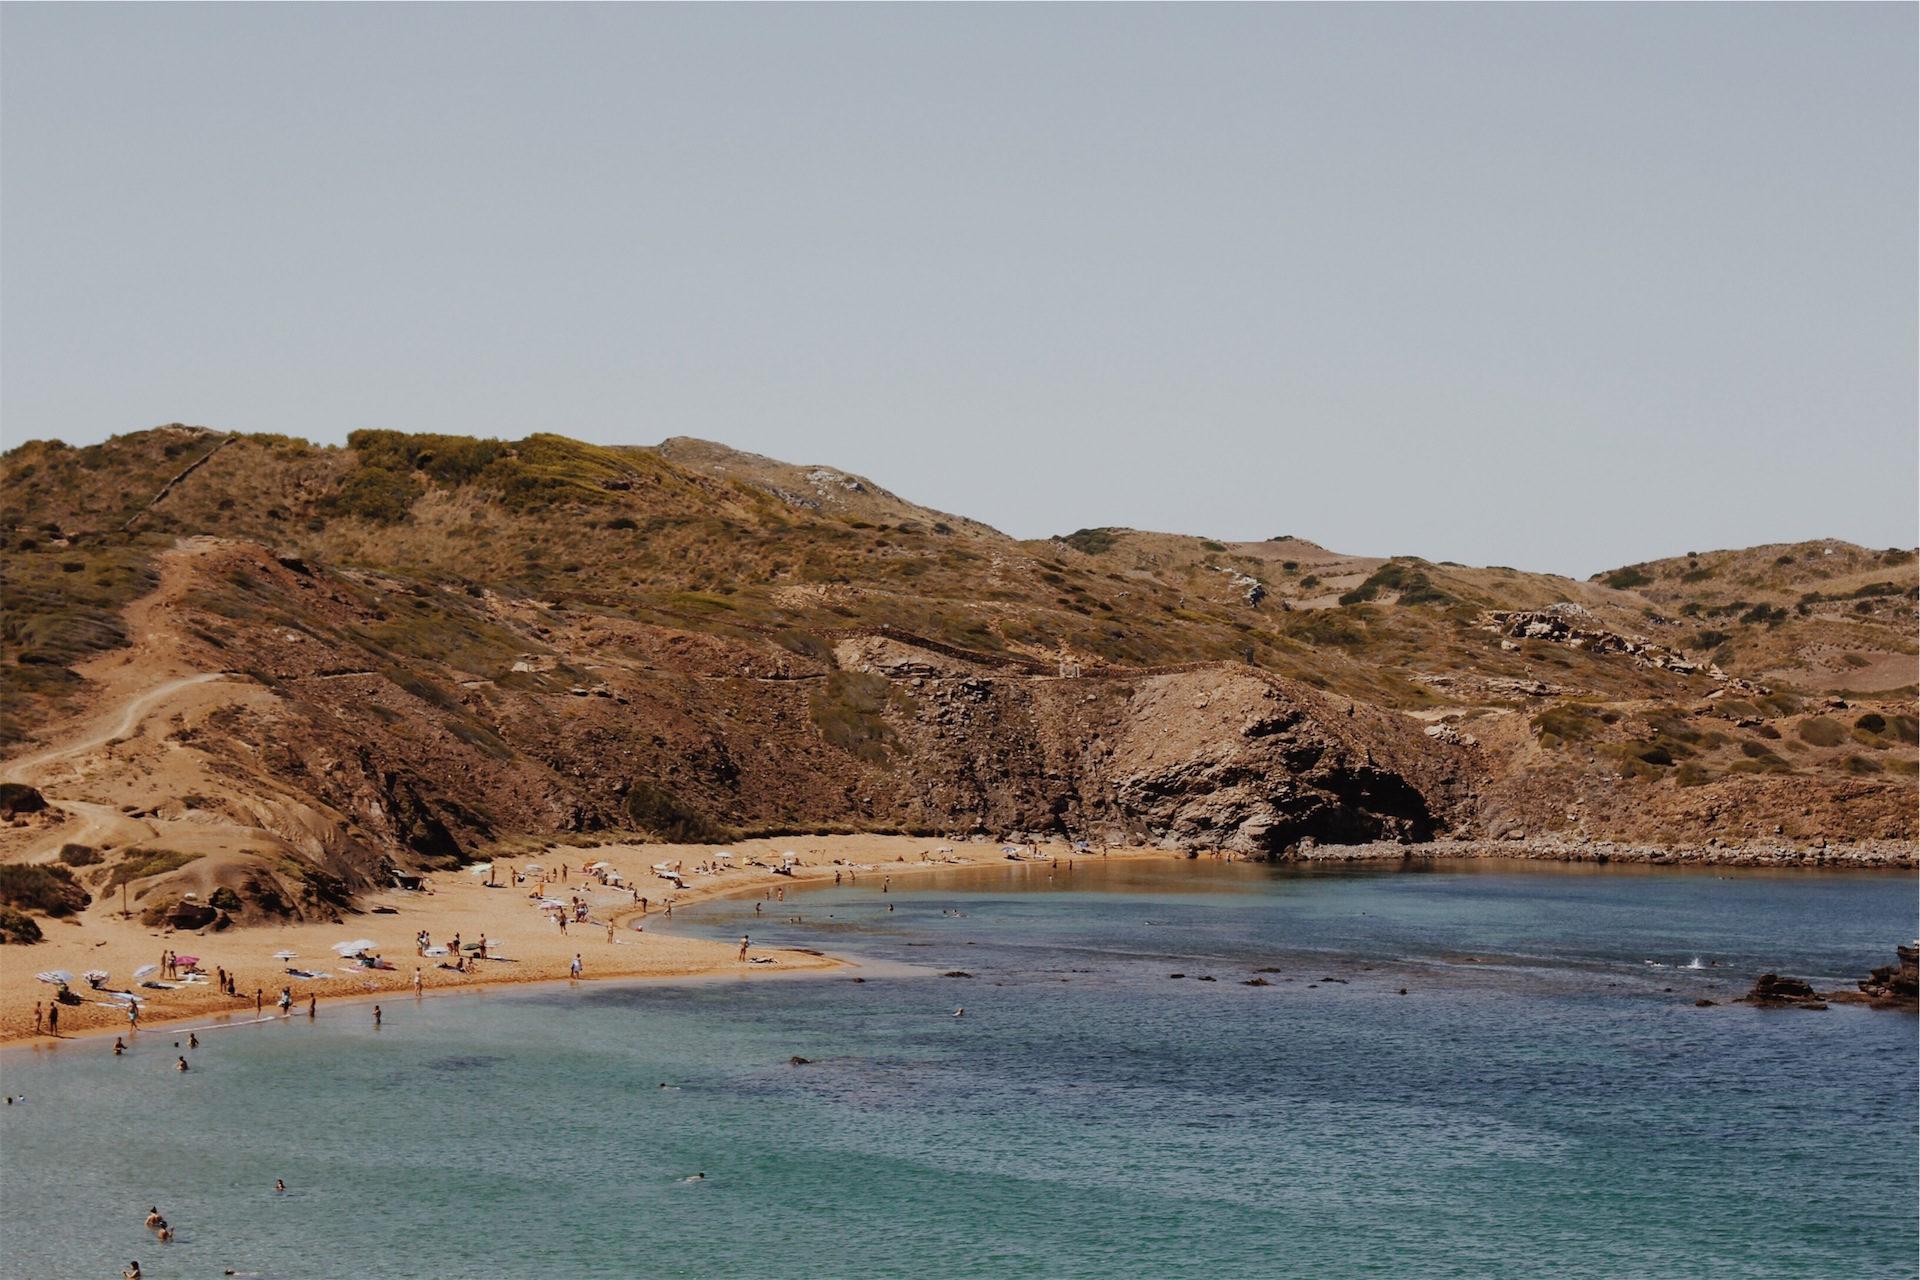 Spiaggia, Vergine, Selvaggio, persone, Vacanze - Sfondi HD - Professor-falken.com